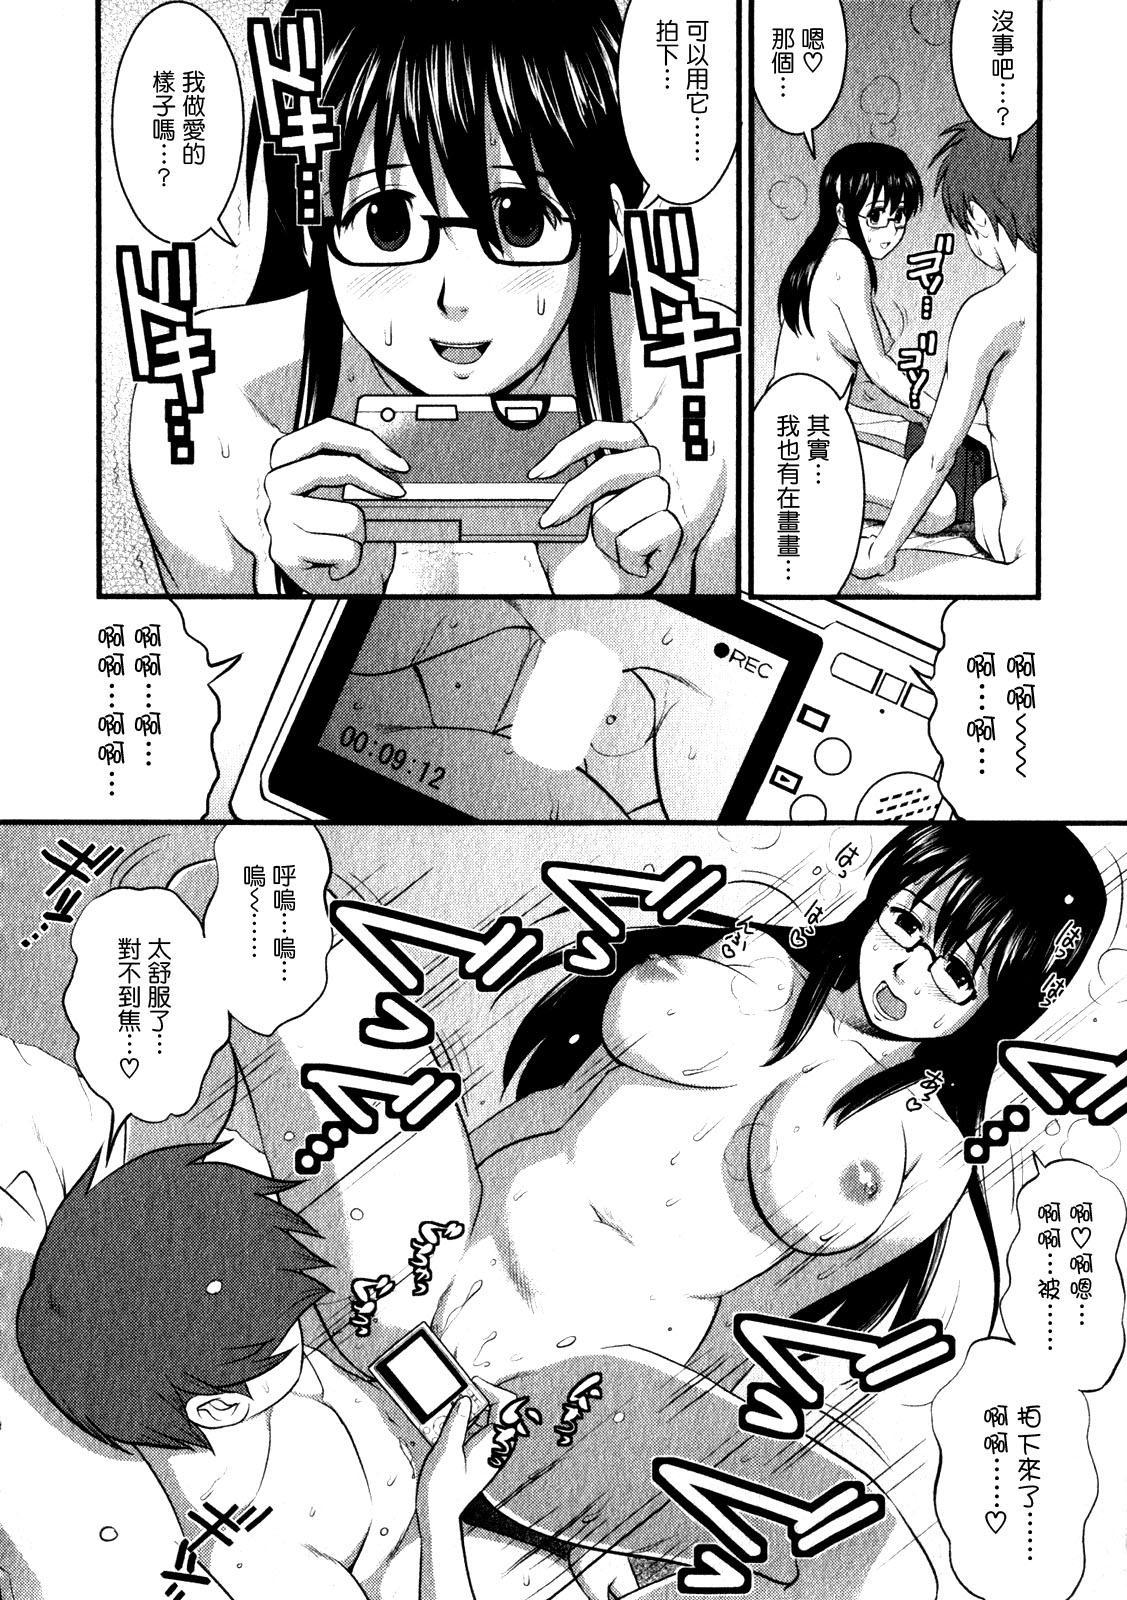 Otaku no Megami-san 1 99